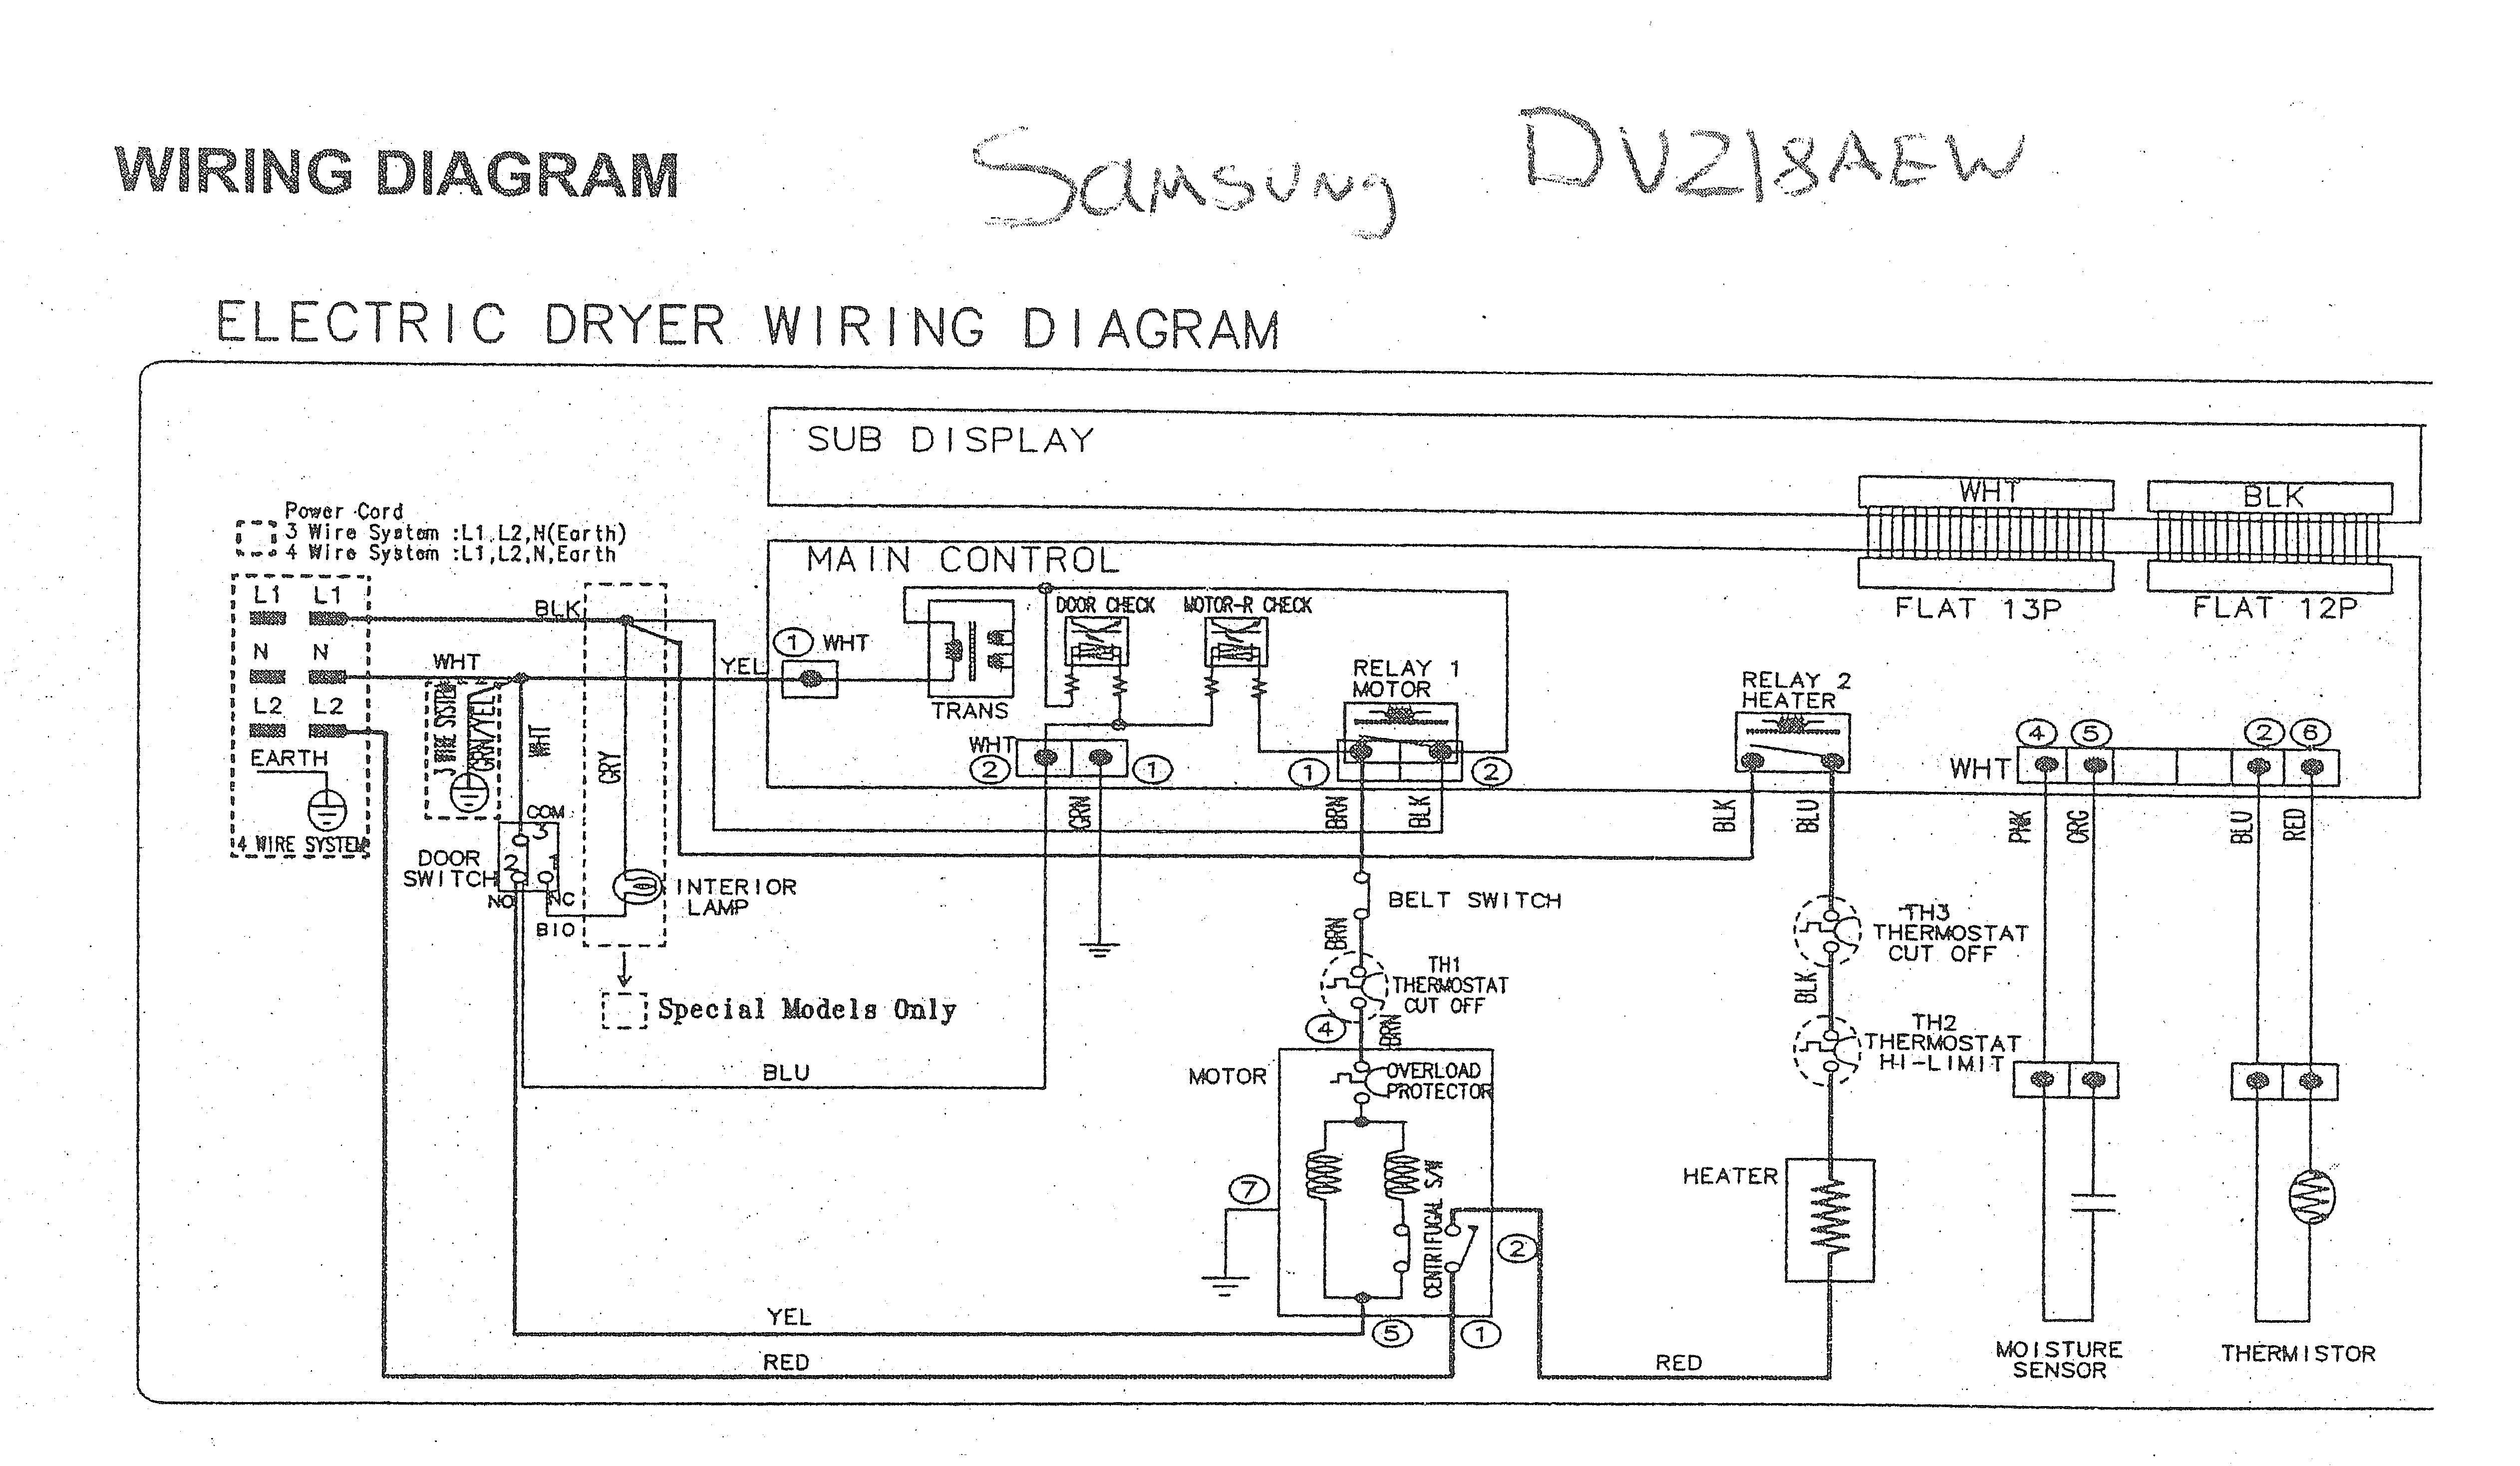 samsung dryer wiring diagram fd 1533  dryer wiring schematics schematic wiring samsung dryer wiring schematic dryer wiring schematics schematic wiring